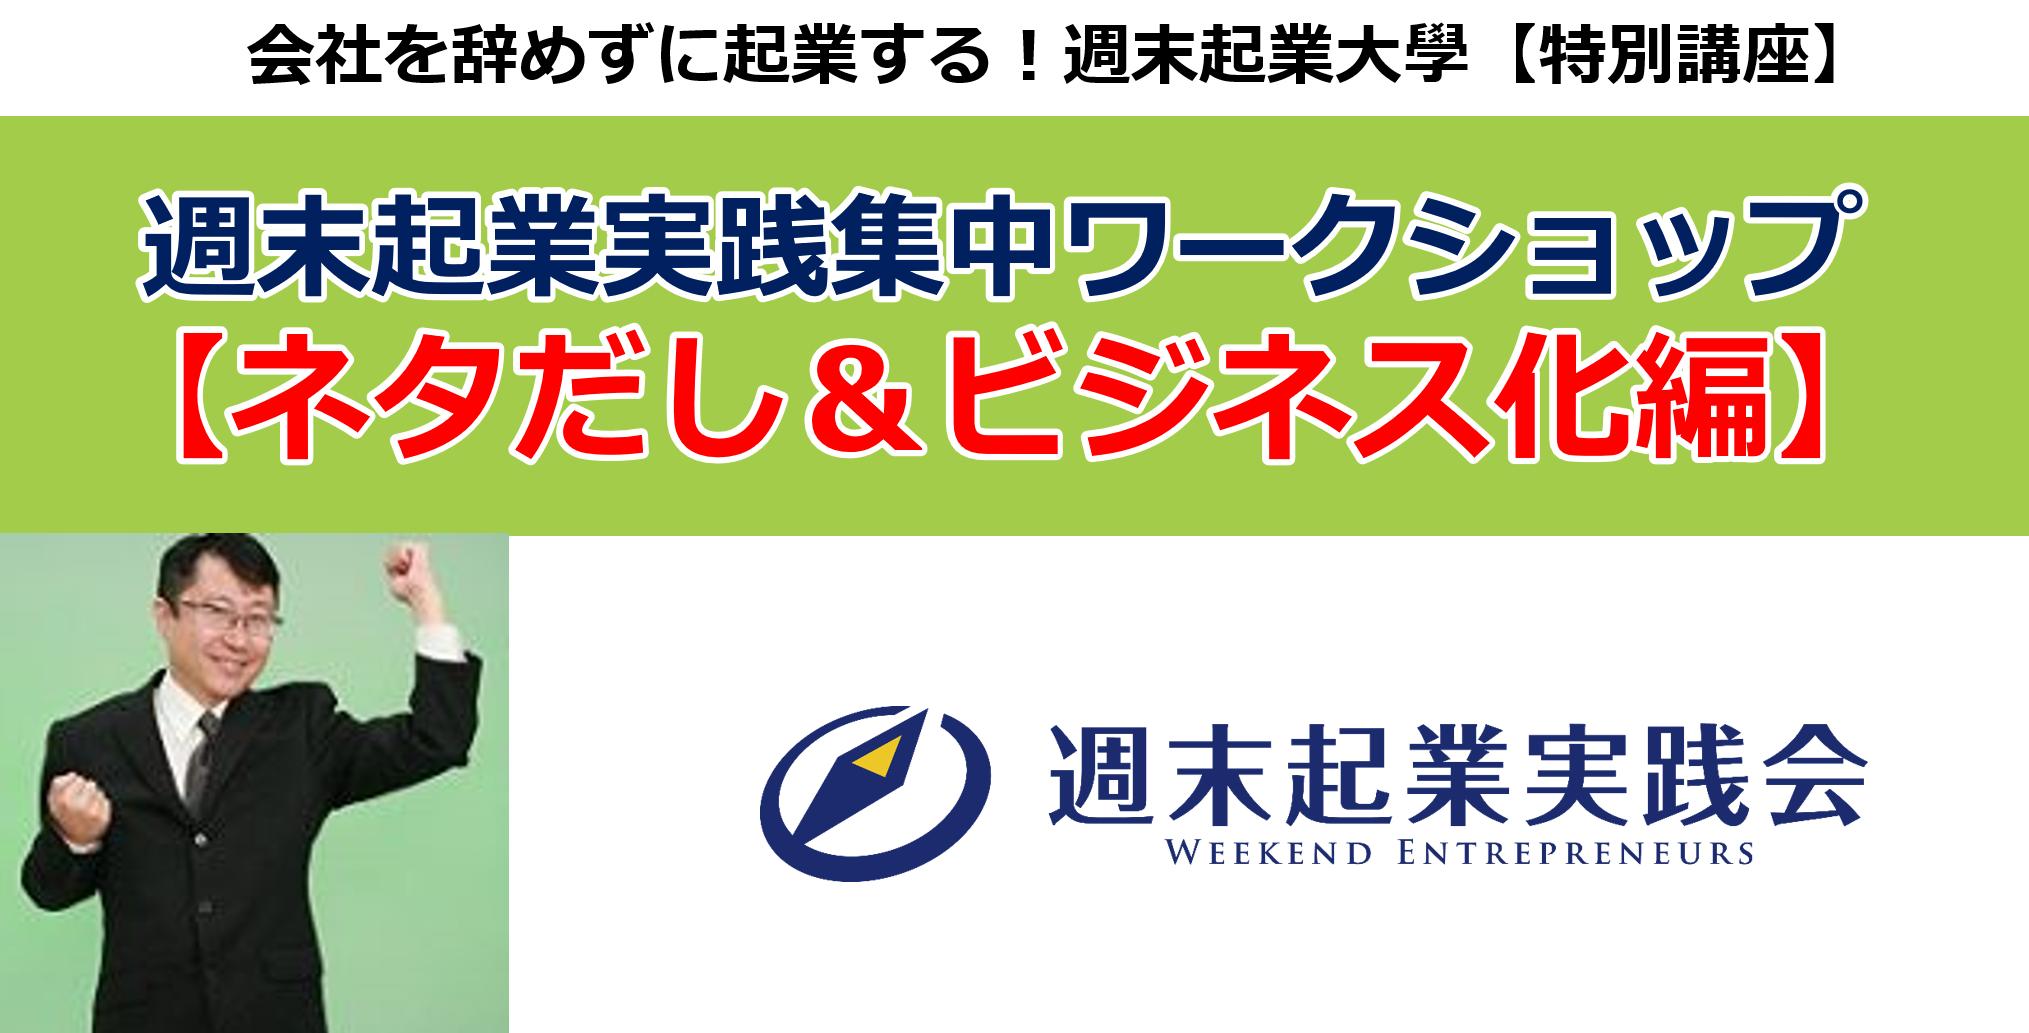 週末起業実践集中ワークショップ【ネタだし&ビジネス化編】